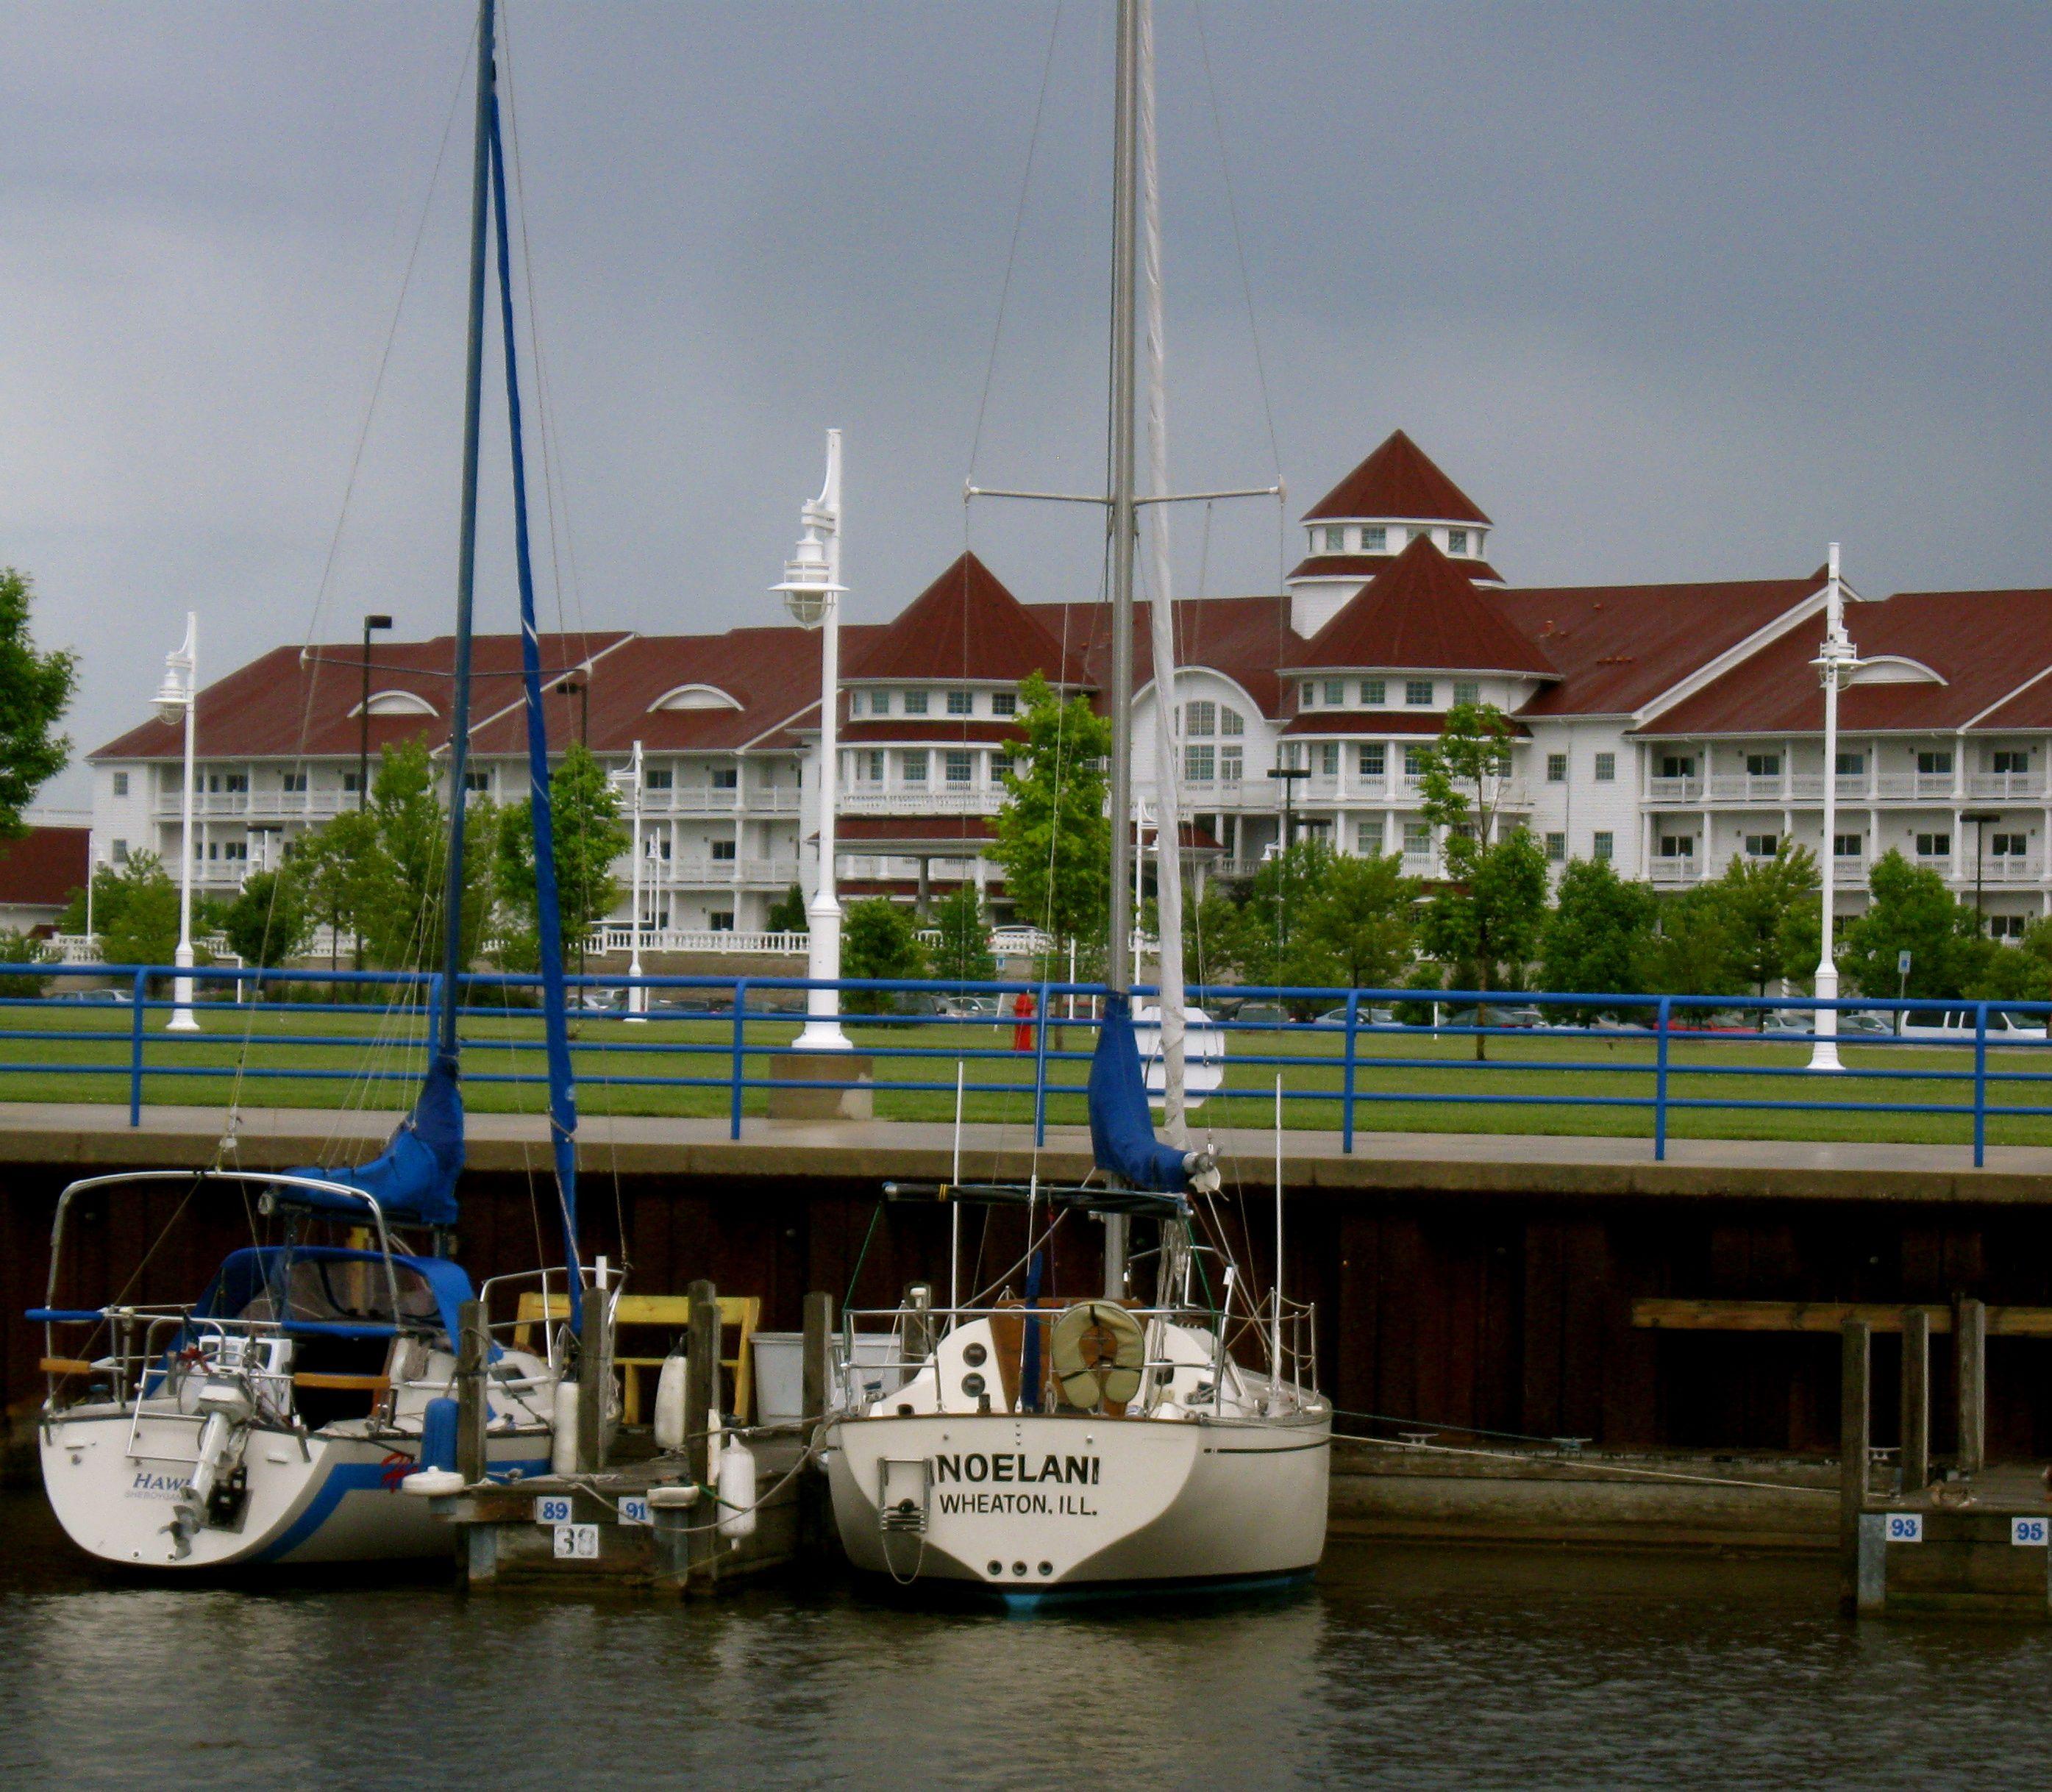 Places To Visit On Lake Michigan In Wisconsin: Blue Harbor Resort, Sheboygan, Wi.